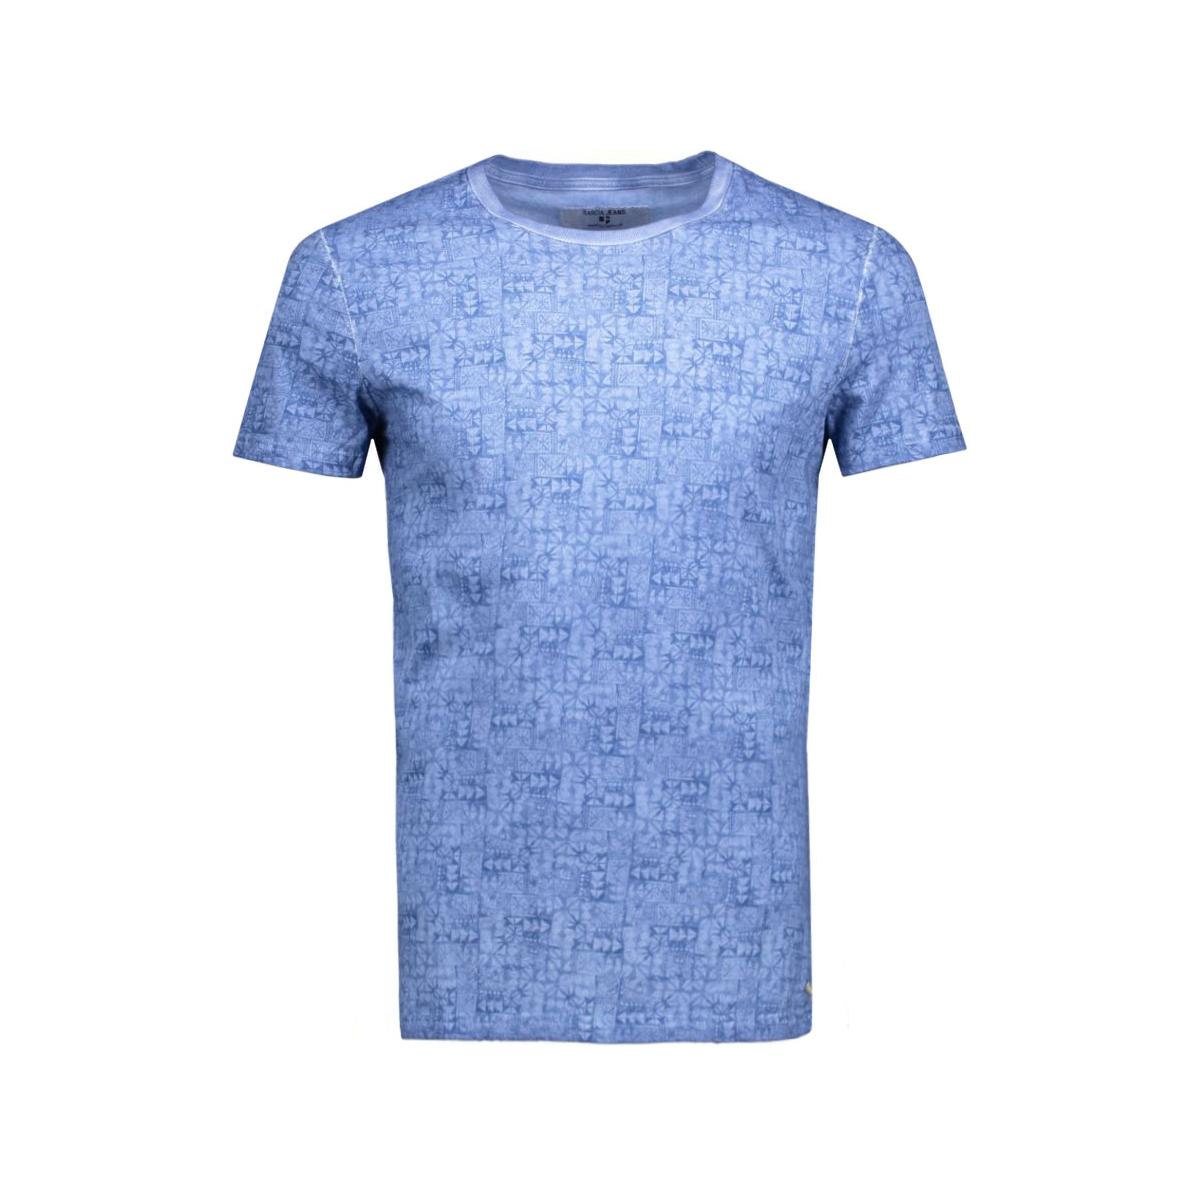 u61004 garcia t-shirt 118